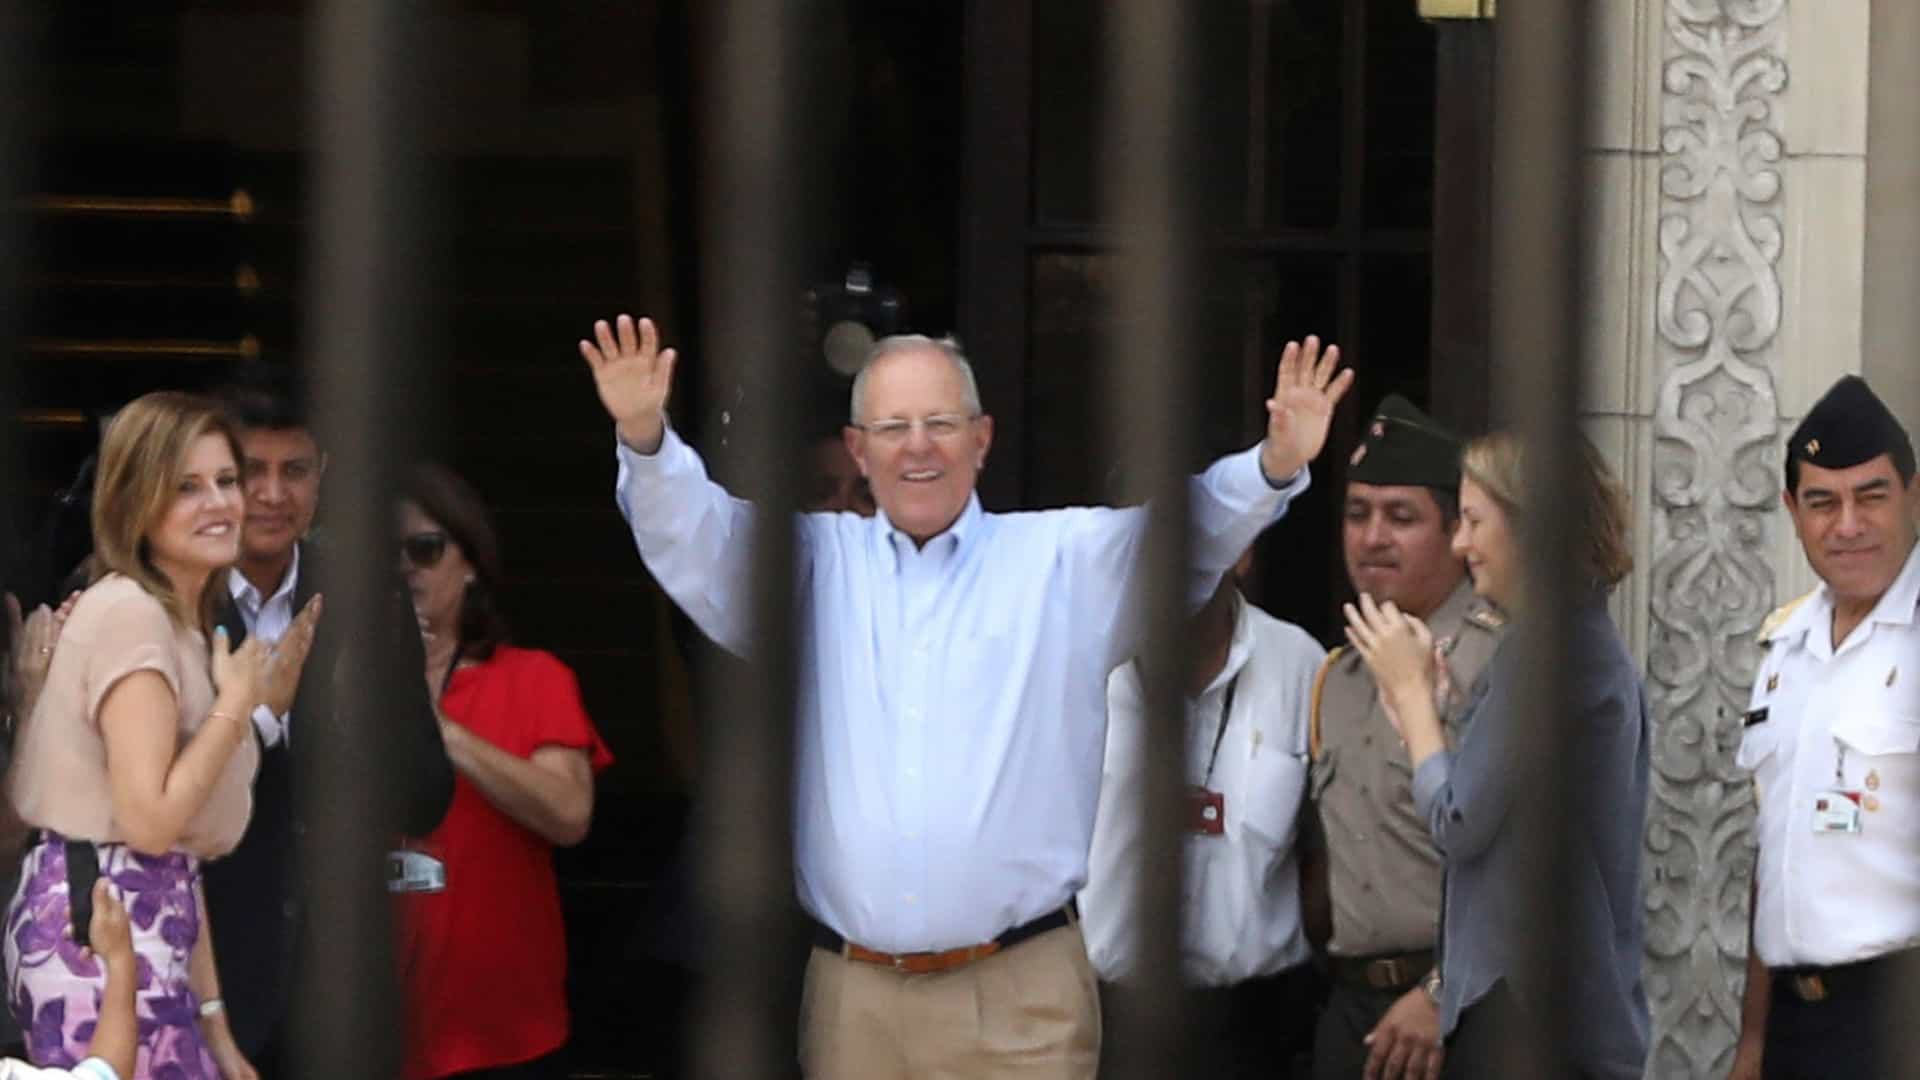 Congresso do Peru recomenda acusação de três ex-presidentes no Lava Jato